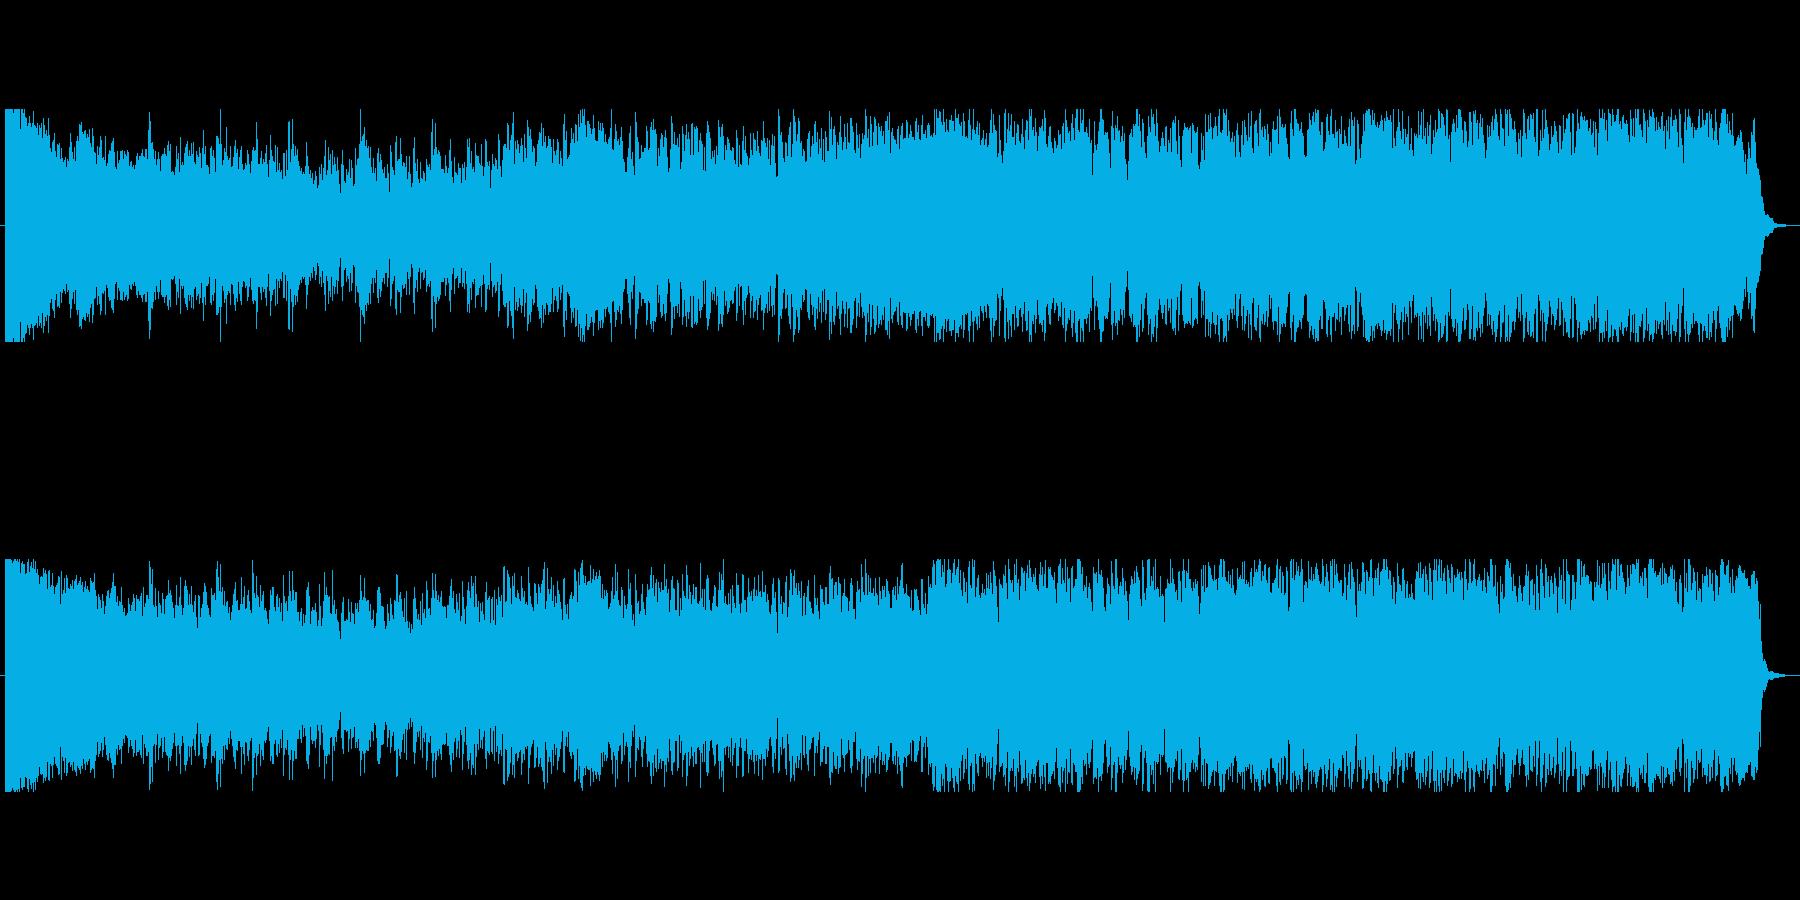 重くて激しめな強そうなボスキャラ曲の再生済みの波形